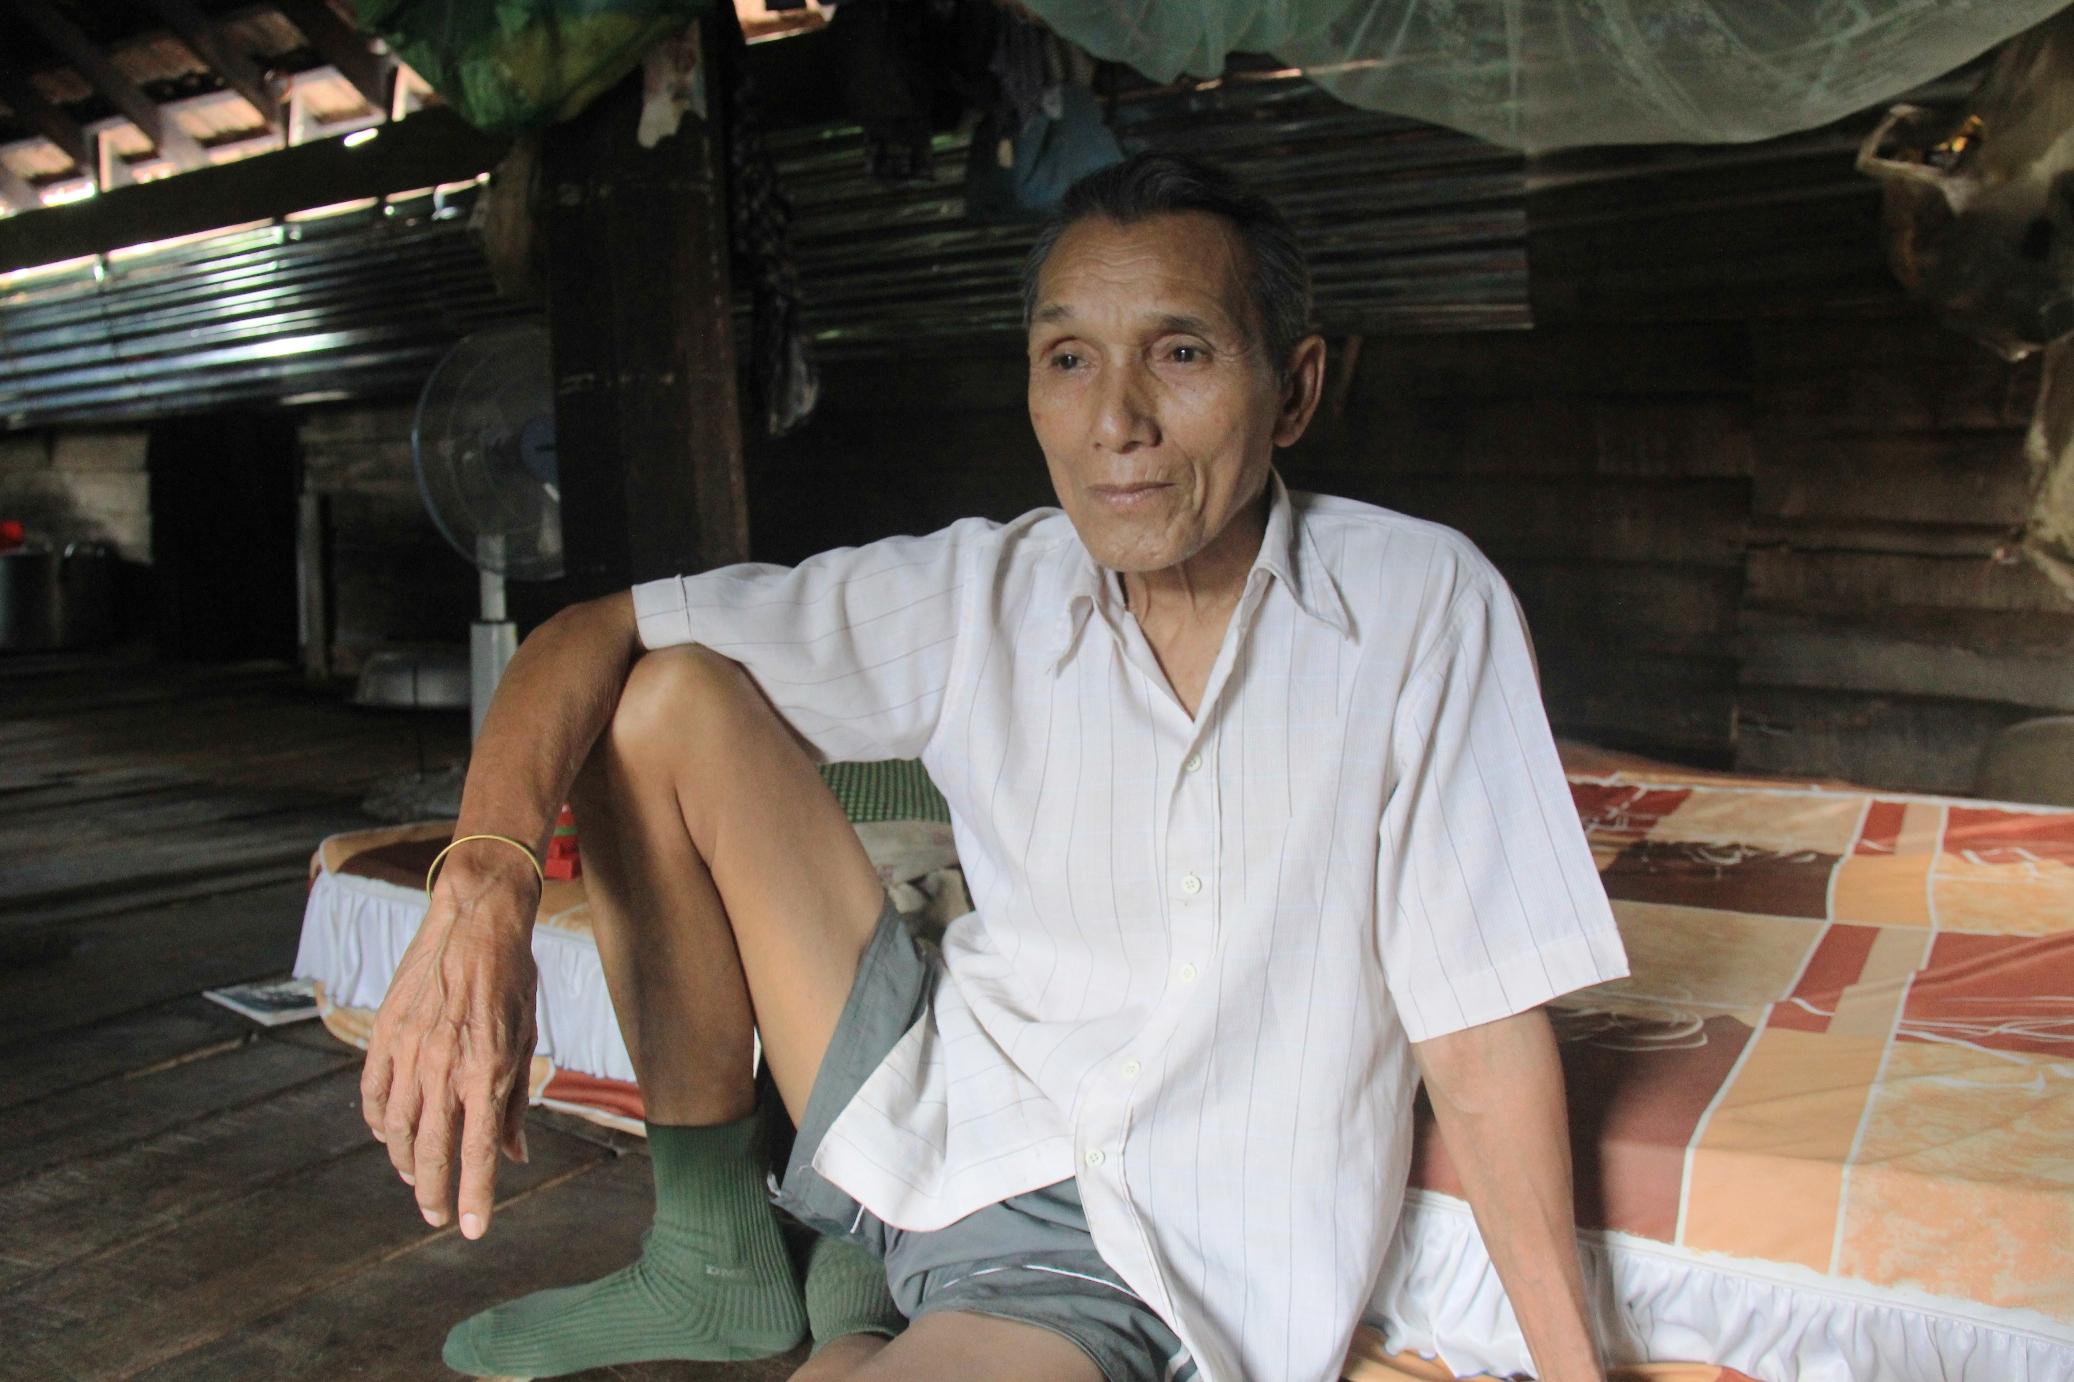 Ksor Chăm, người nuôi voi vì tình nghĩa chứ không vì lợi lộc - Ảnh: Lê Khánh